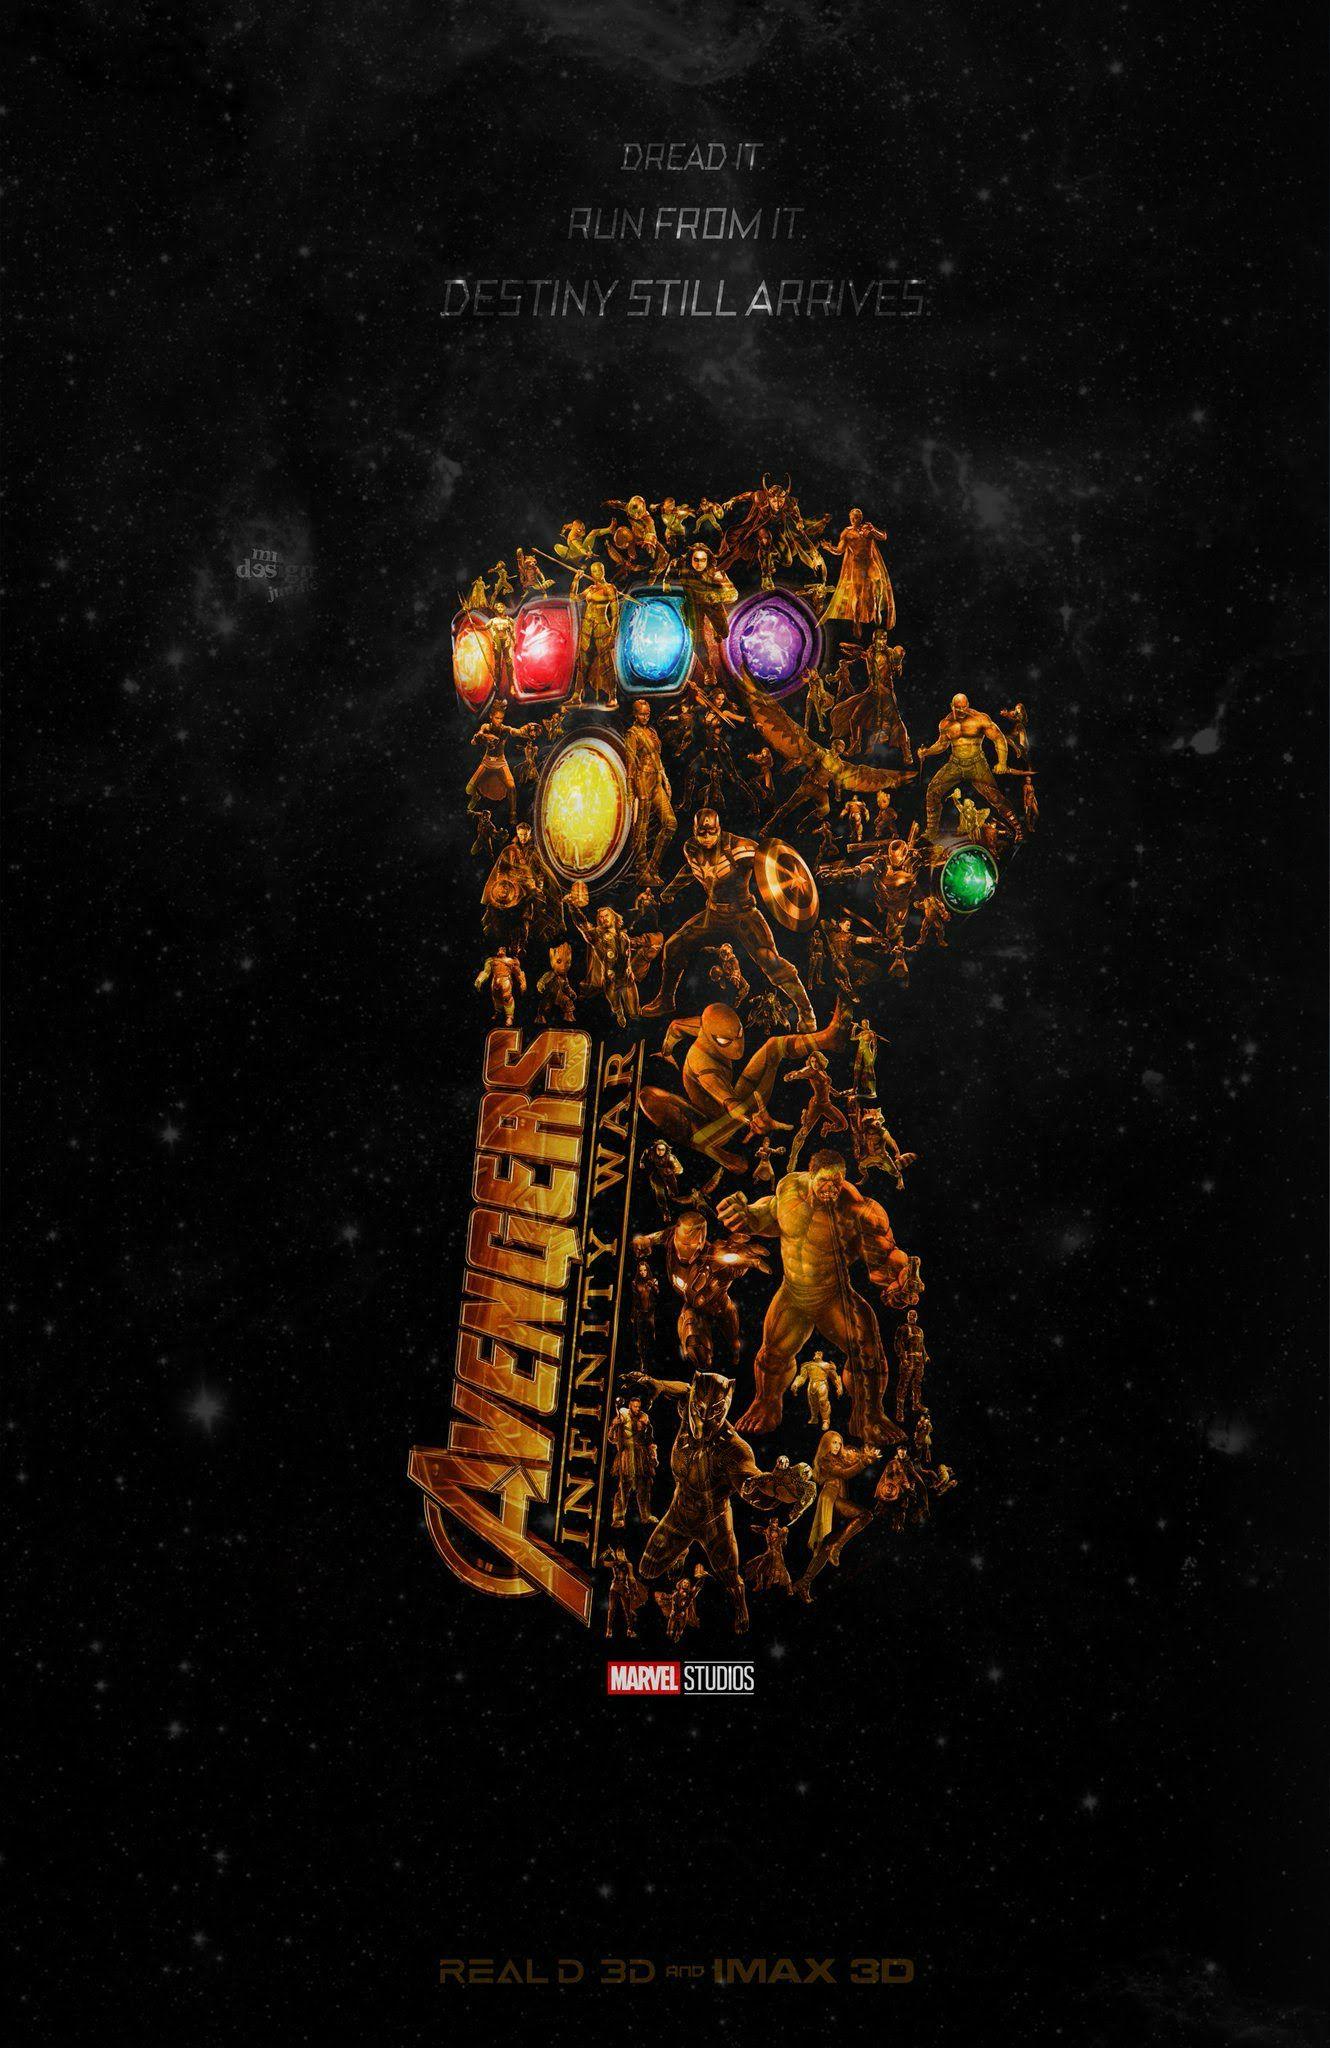 Avengers マーベル最新作 アベンジャーズ インフィニティ ウォー